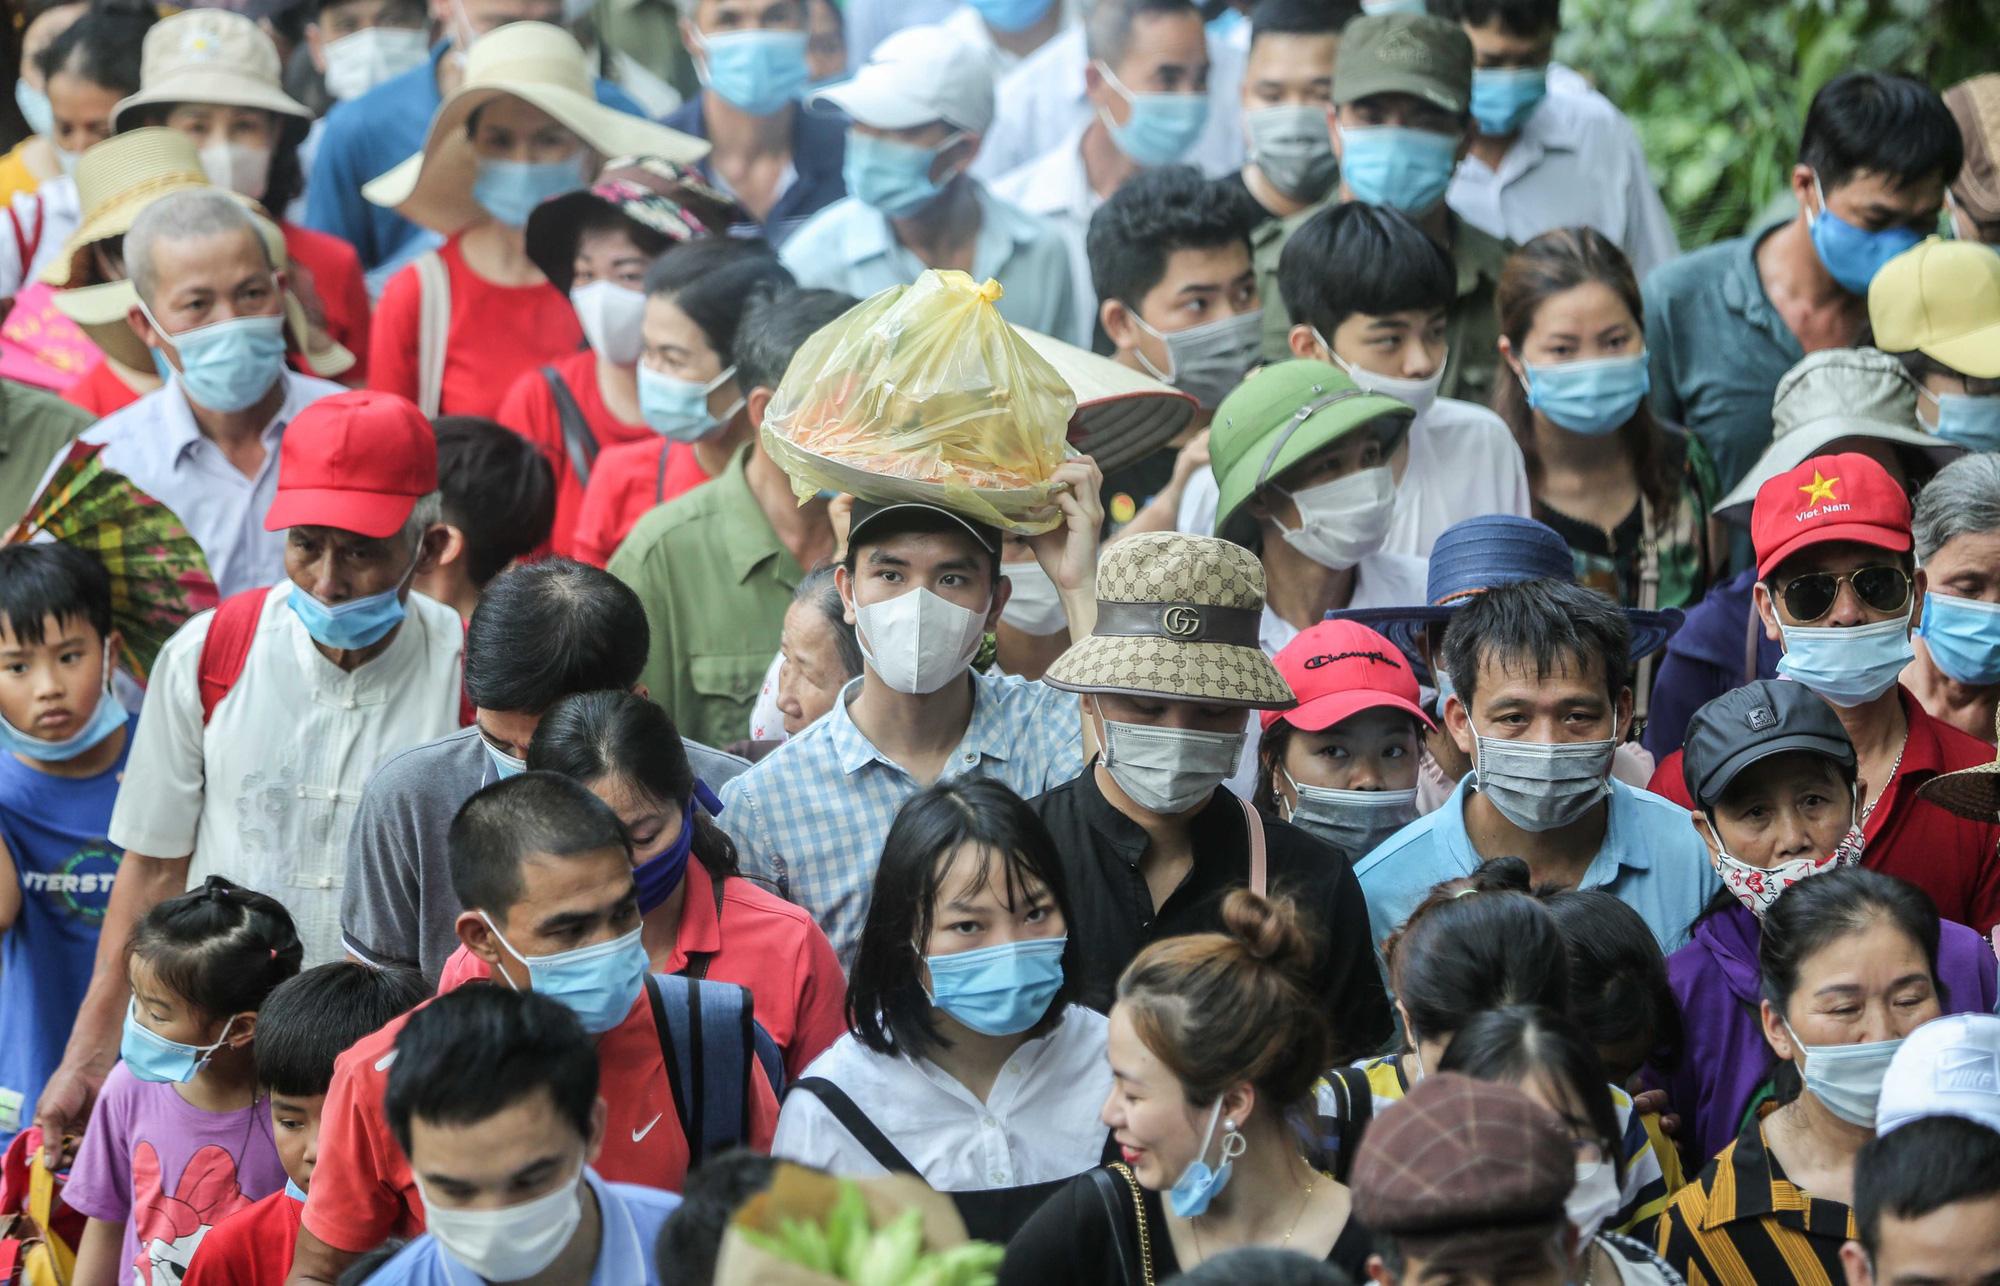 Video: Hàng vạn người chen chúc dâng lễ tại đền Hùng ngày chính hội  - Ảnh 4.